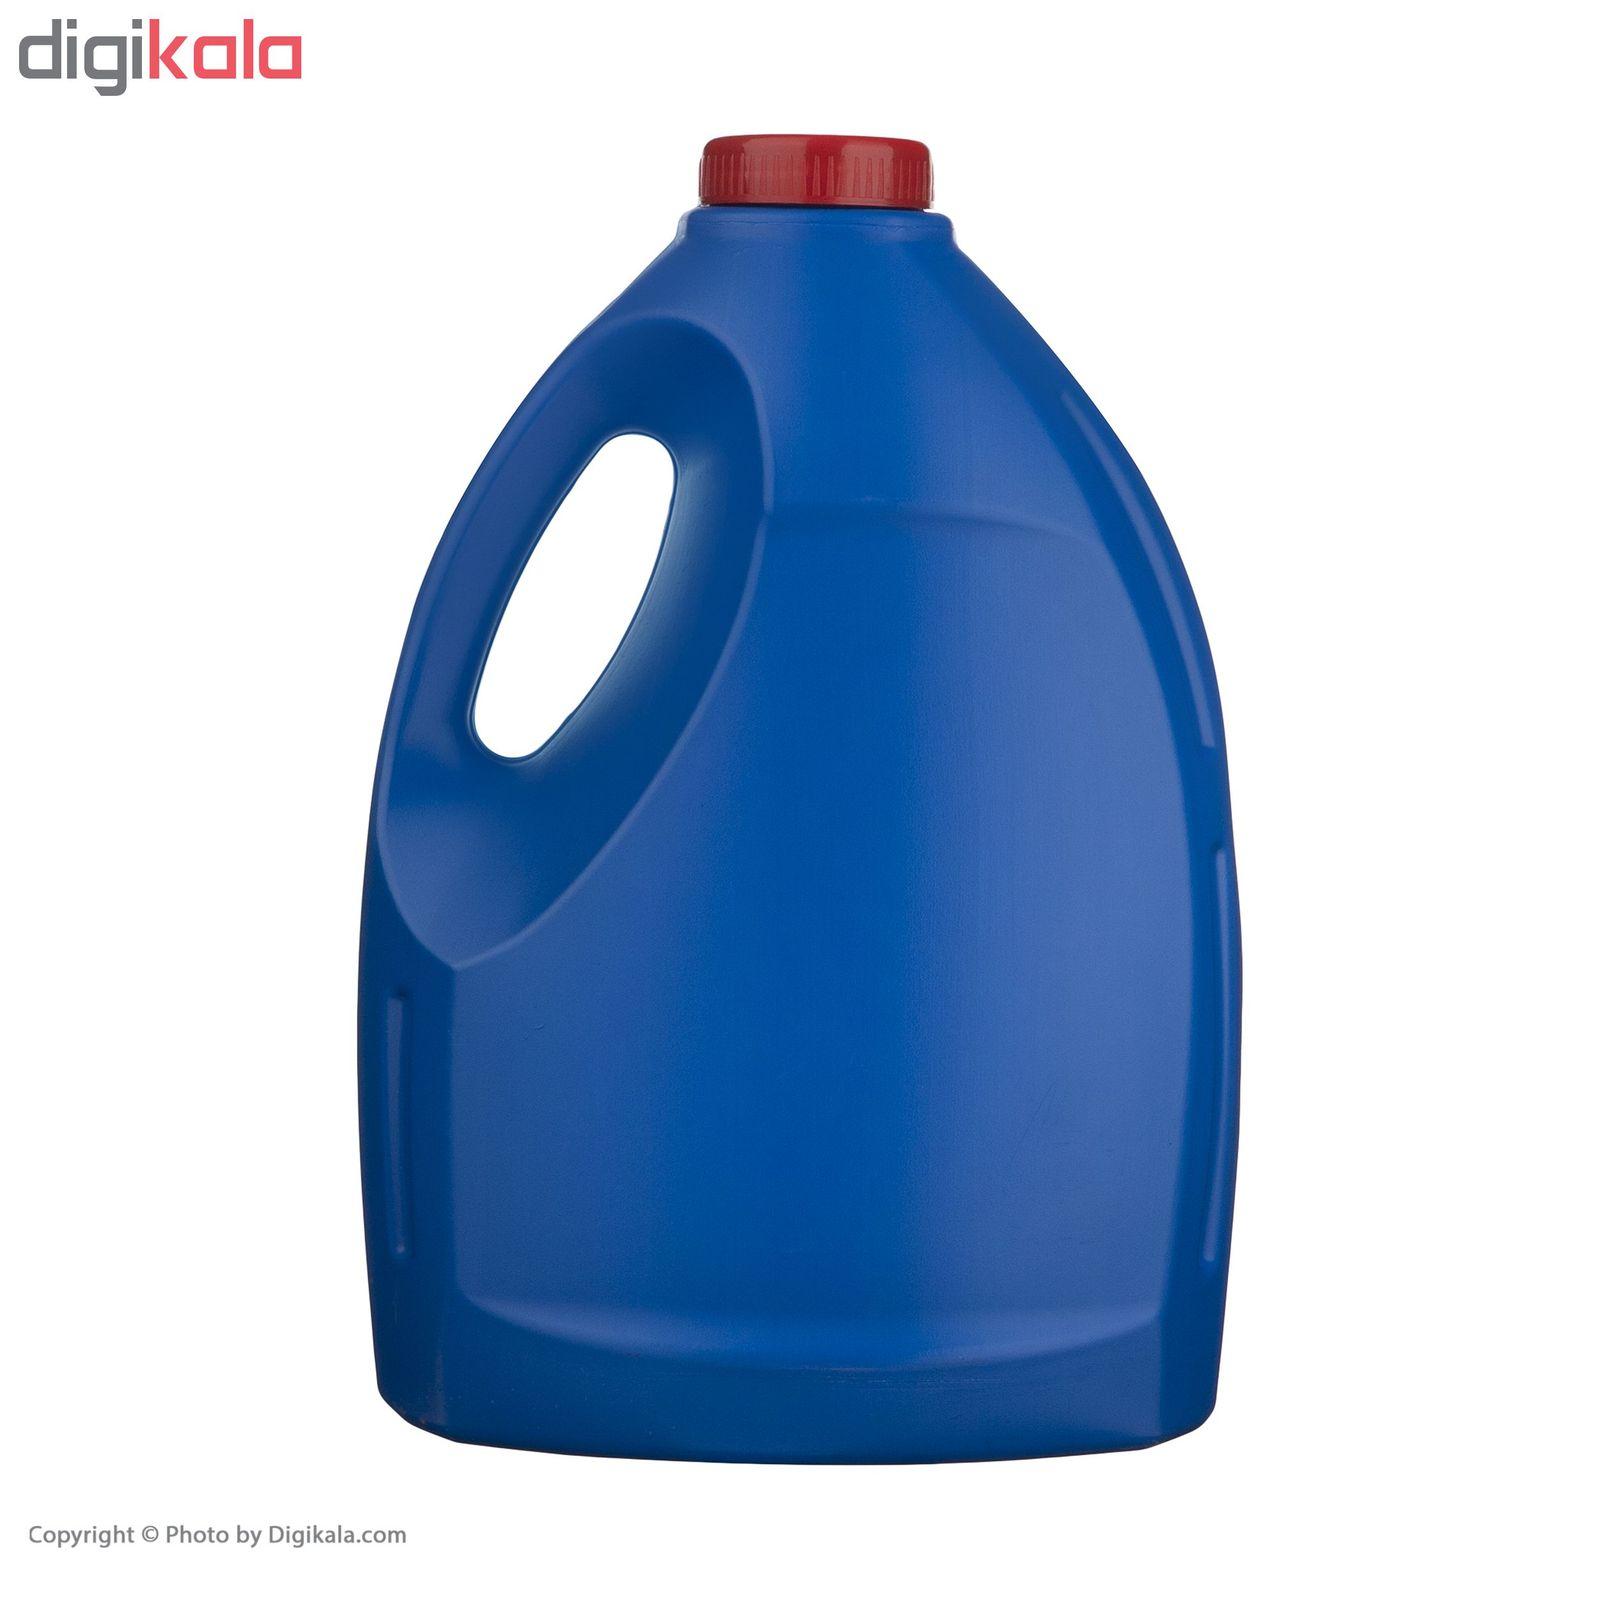 مایع ظرفشویی پریل مدل Lavender حجم 3.75 لیتر main 1 2